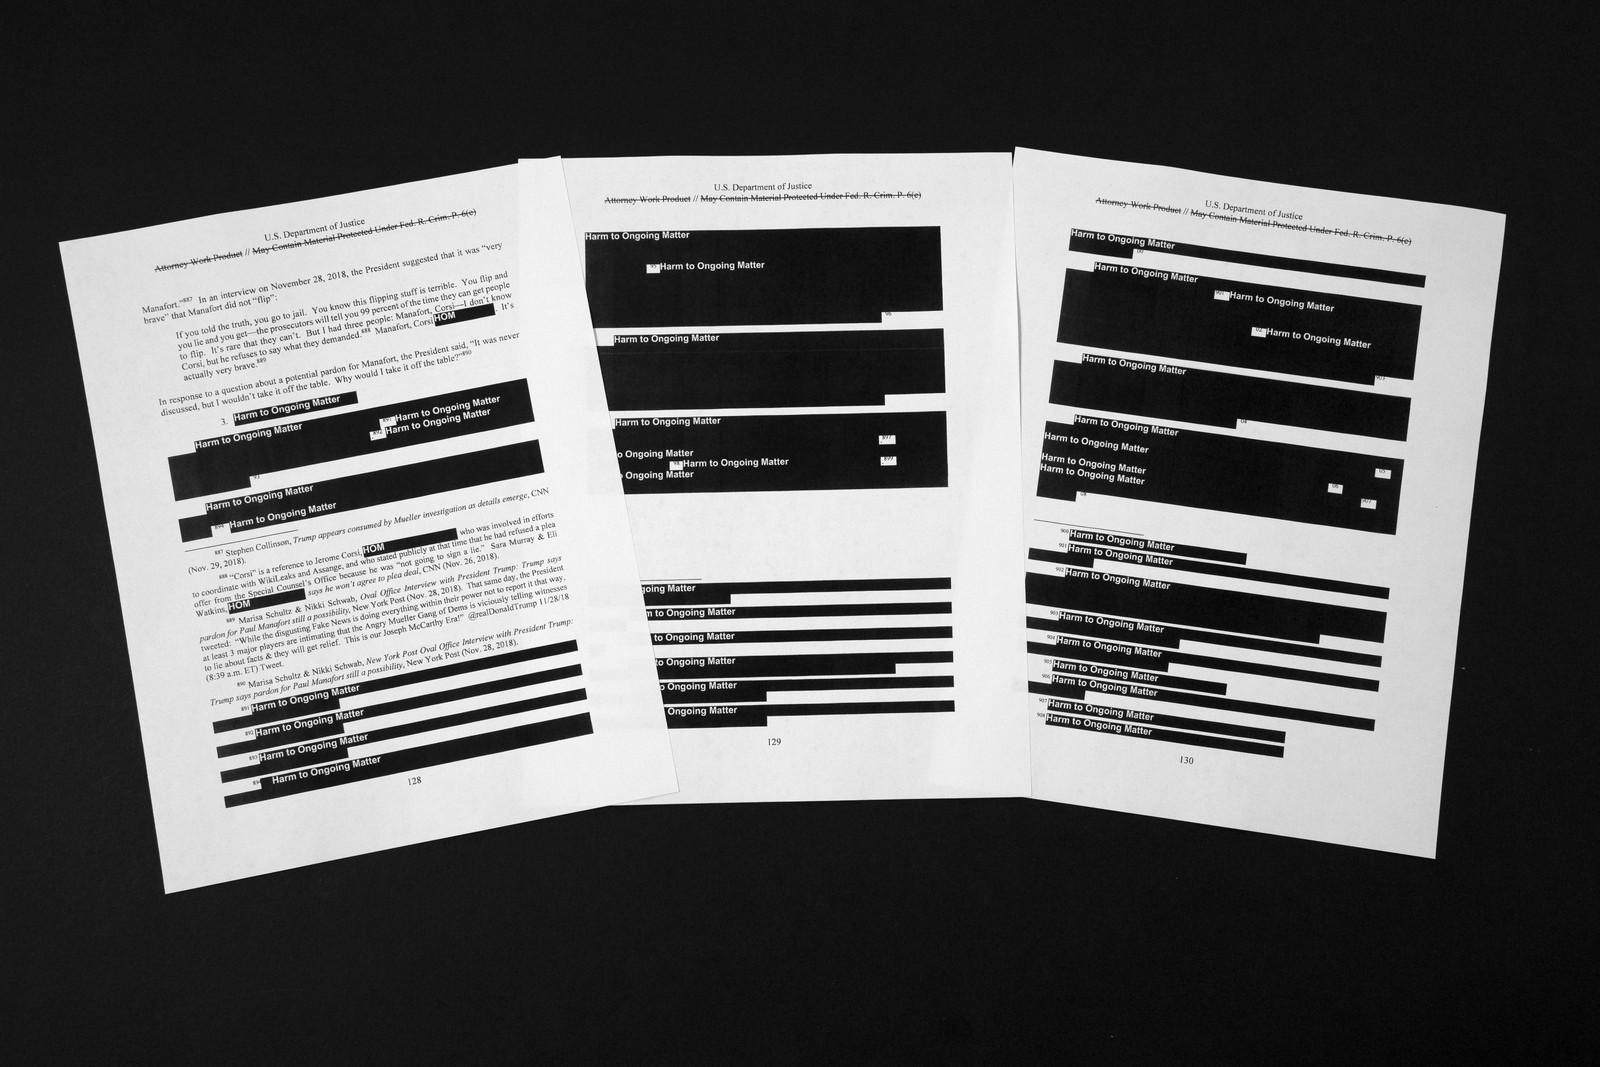 Trechos do relatório sobre o inquérito contra Donald Trump apareceram apagados — Foto: Jon Elswick/AP Photo